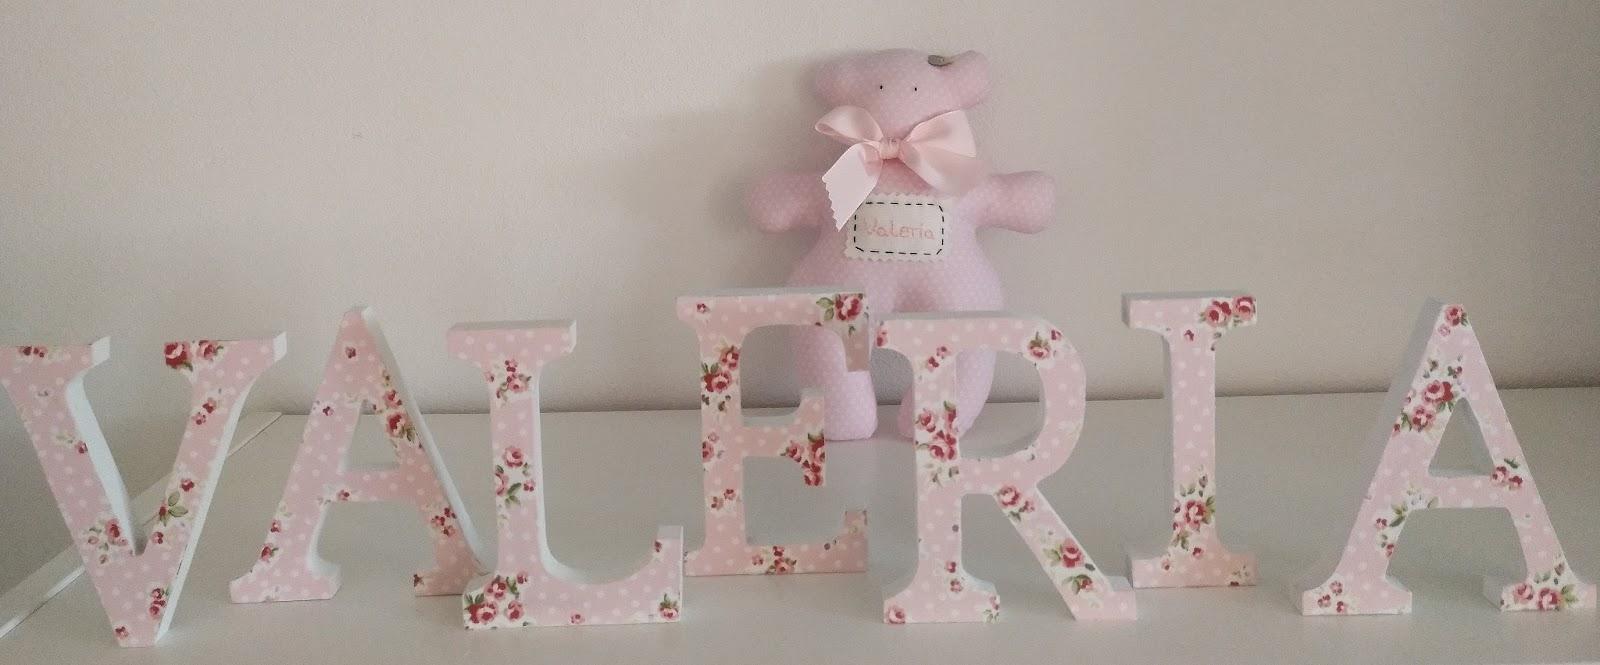 Creaciones elyser conjuntos de nombres infantiles con - Letras bebe decoracion ...